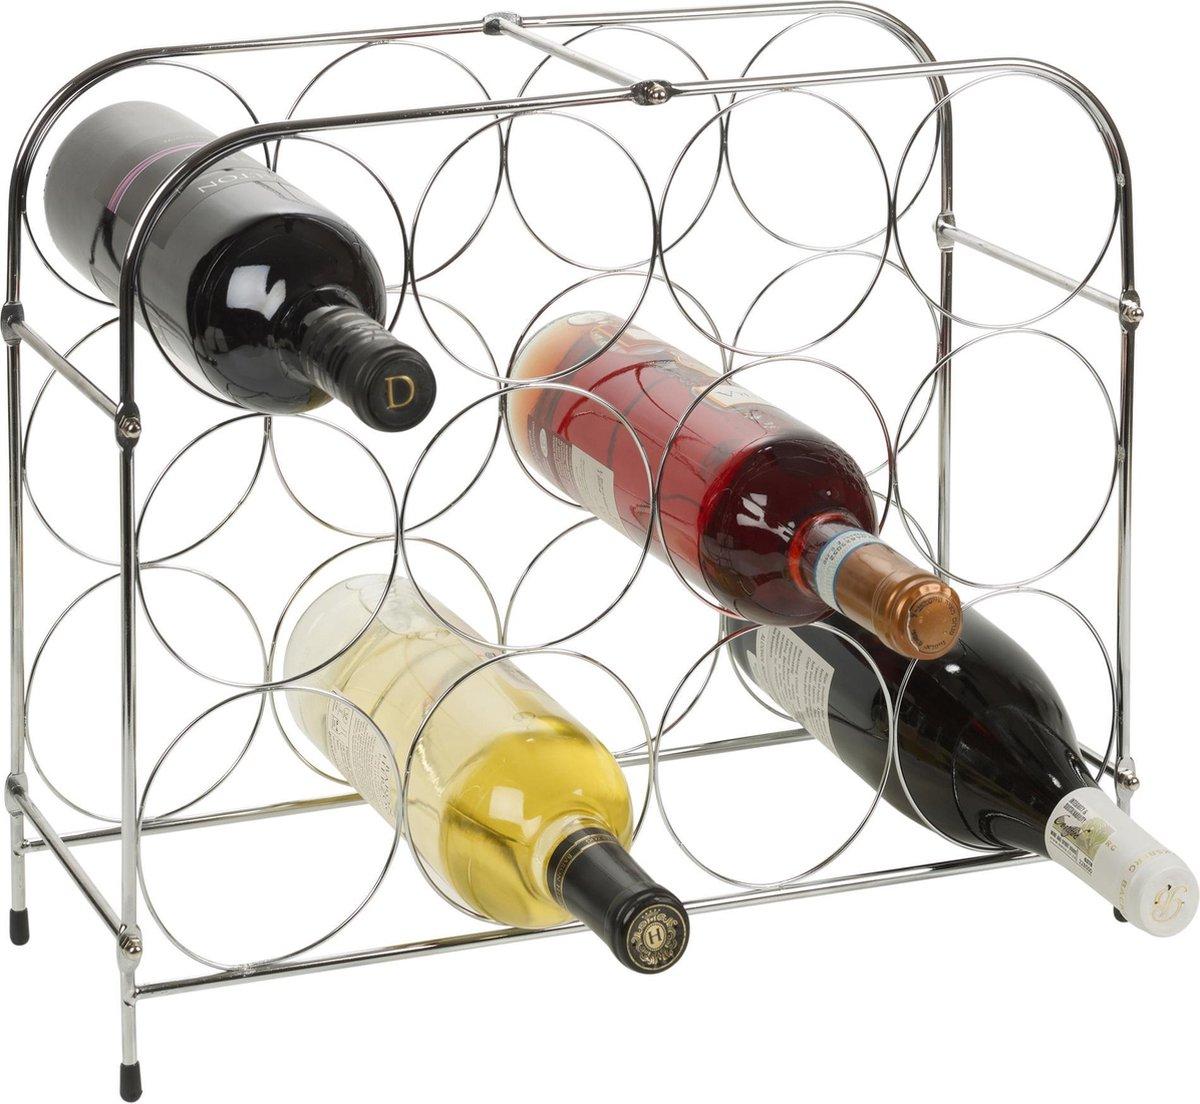 Wijnrek 12 Flessen - Wijn Flessenrek Wijnfleshouder Rek - Wijnflessenrek - Wijnhouder